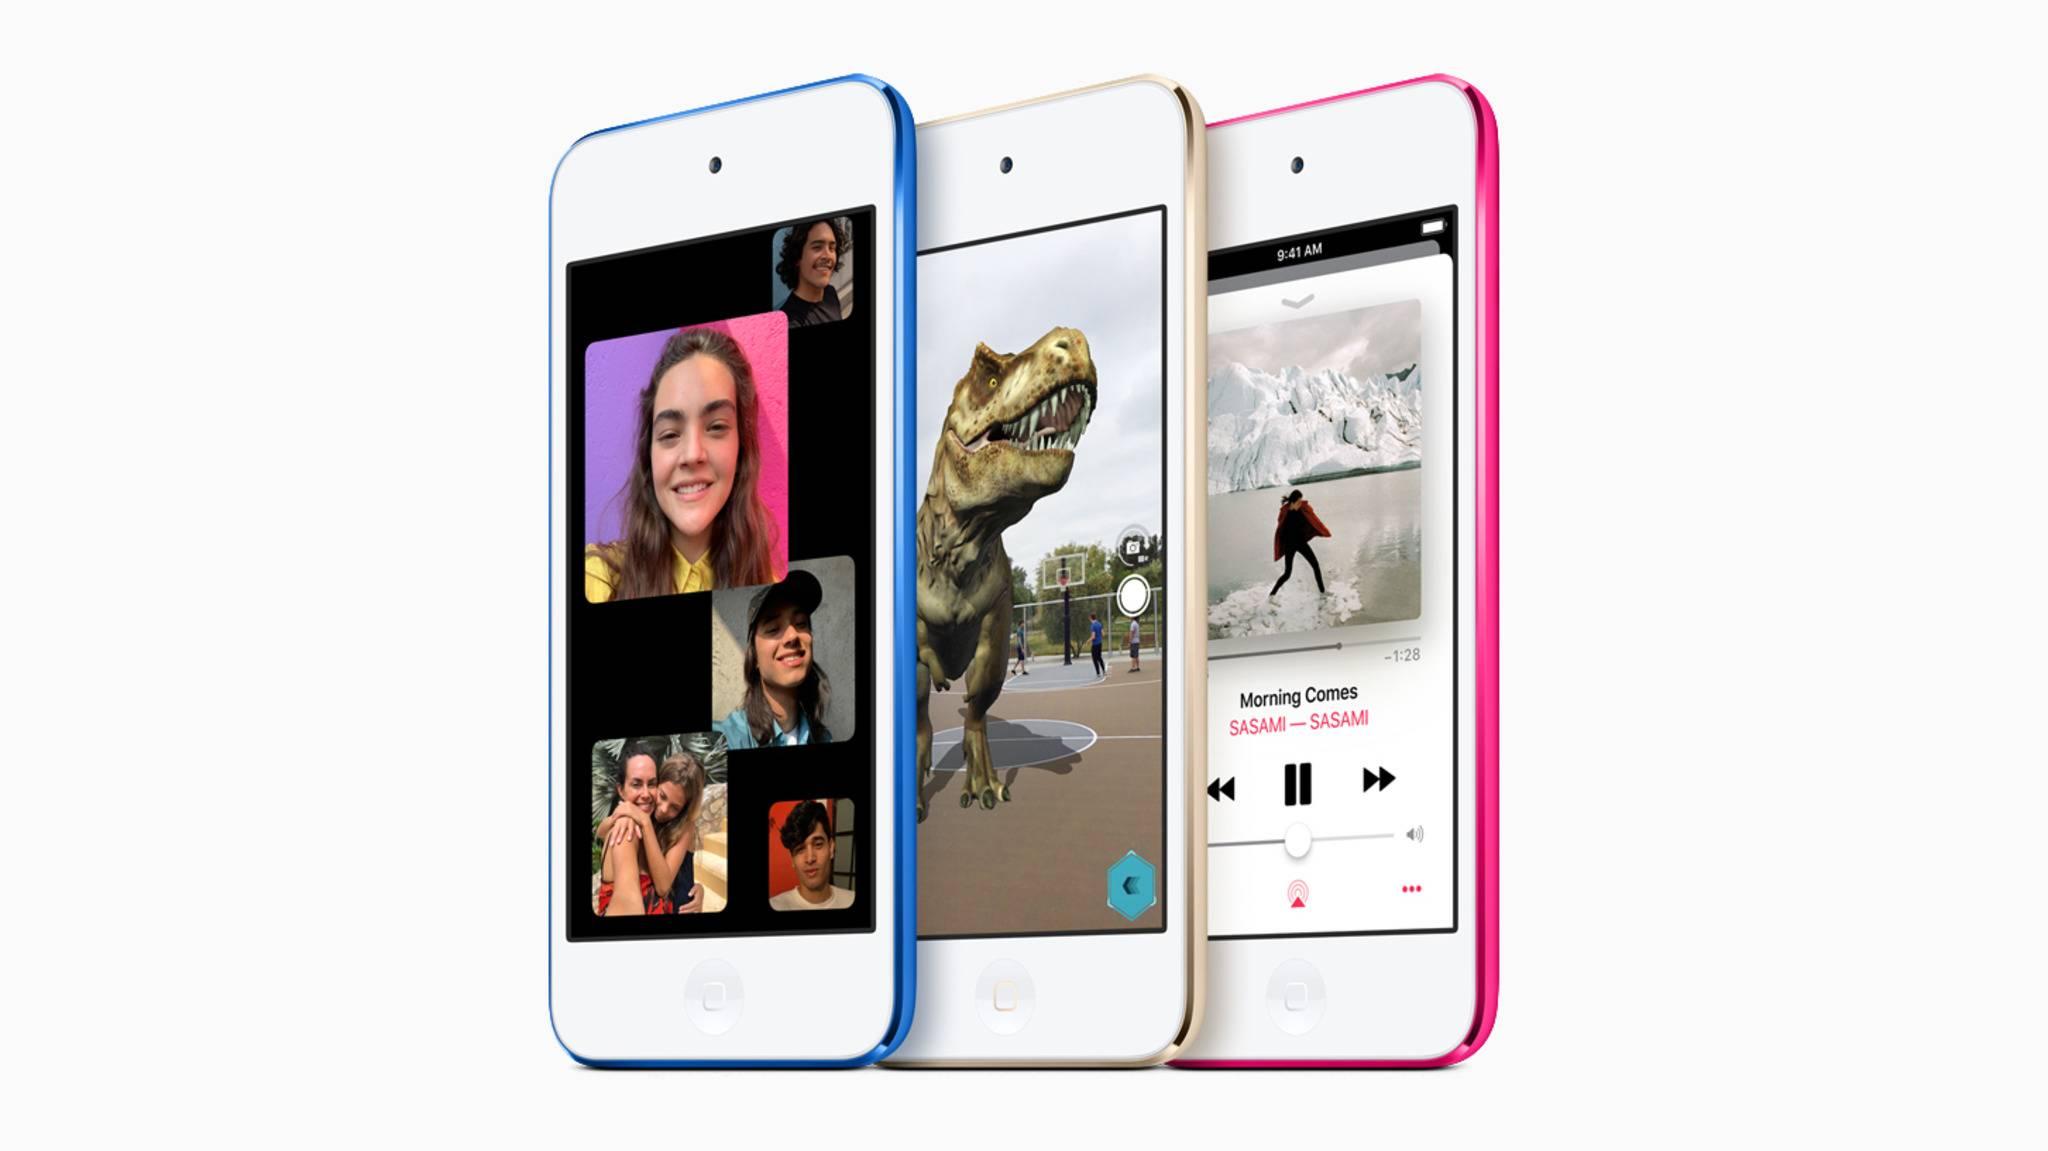 Apples neuer iPod touch hat sich optisch kaum verändert, verfügt aber über etwas mehr Leistung als sein Vorgänger.